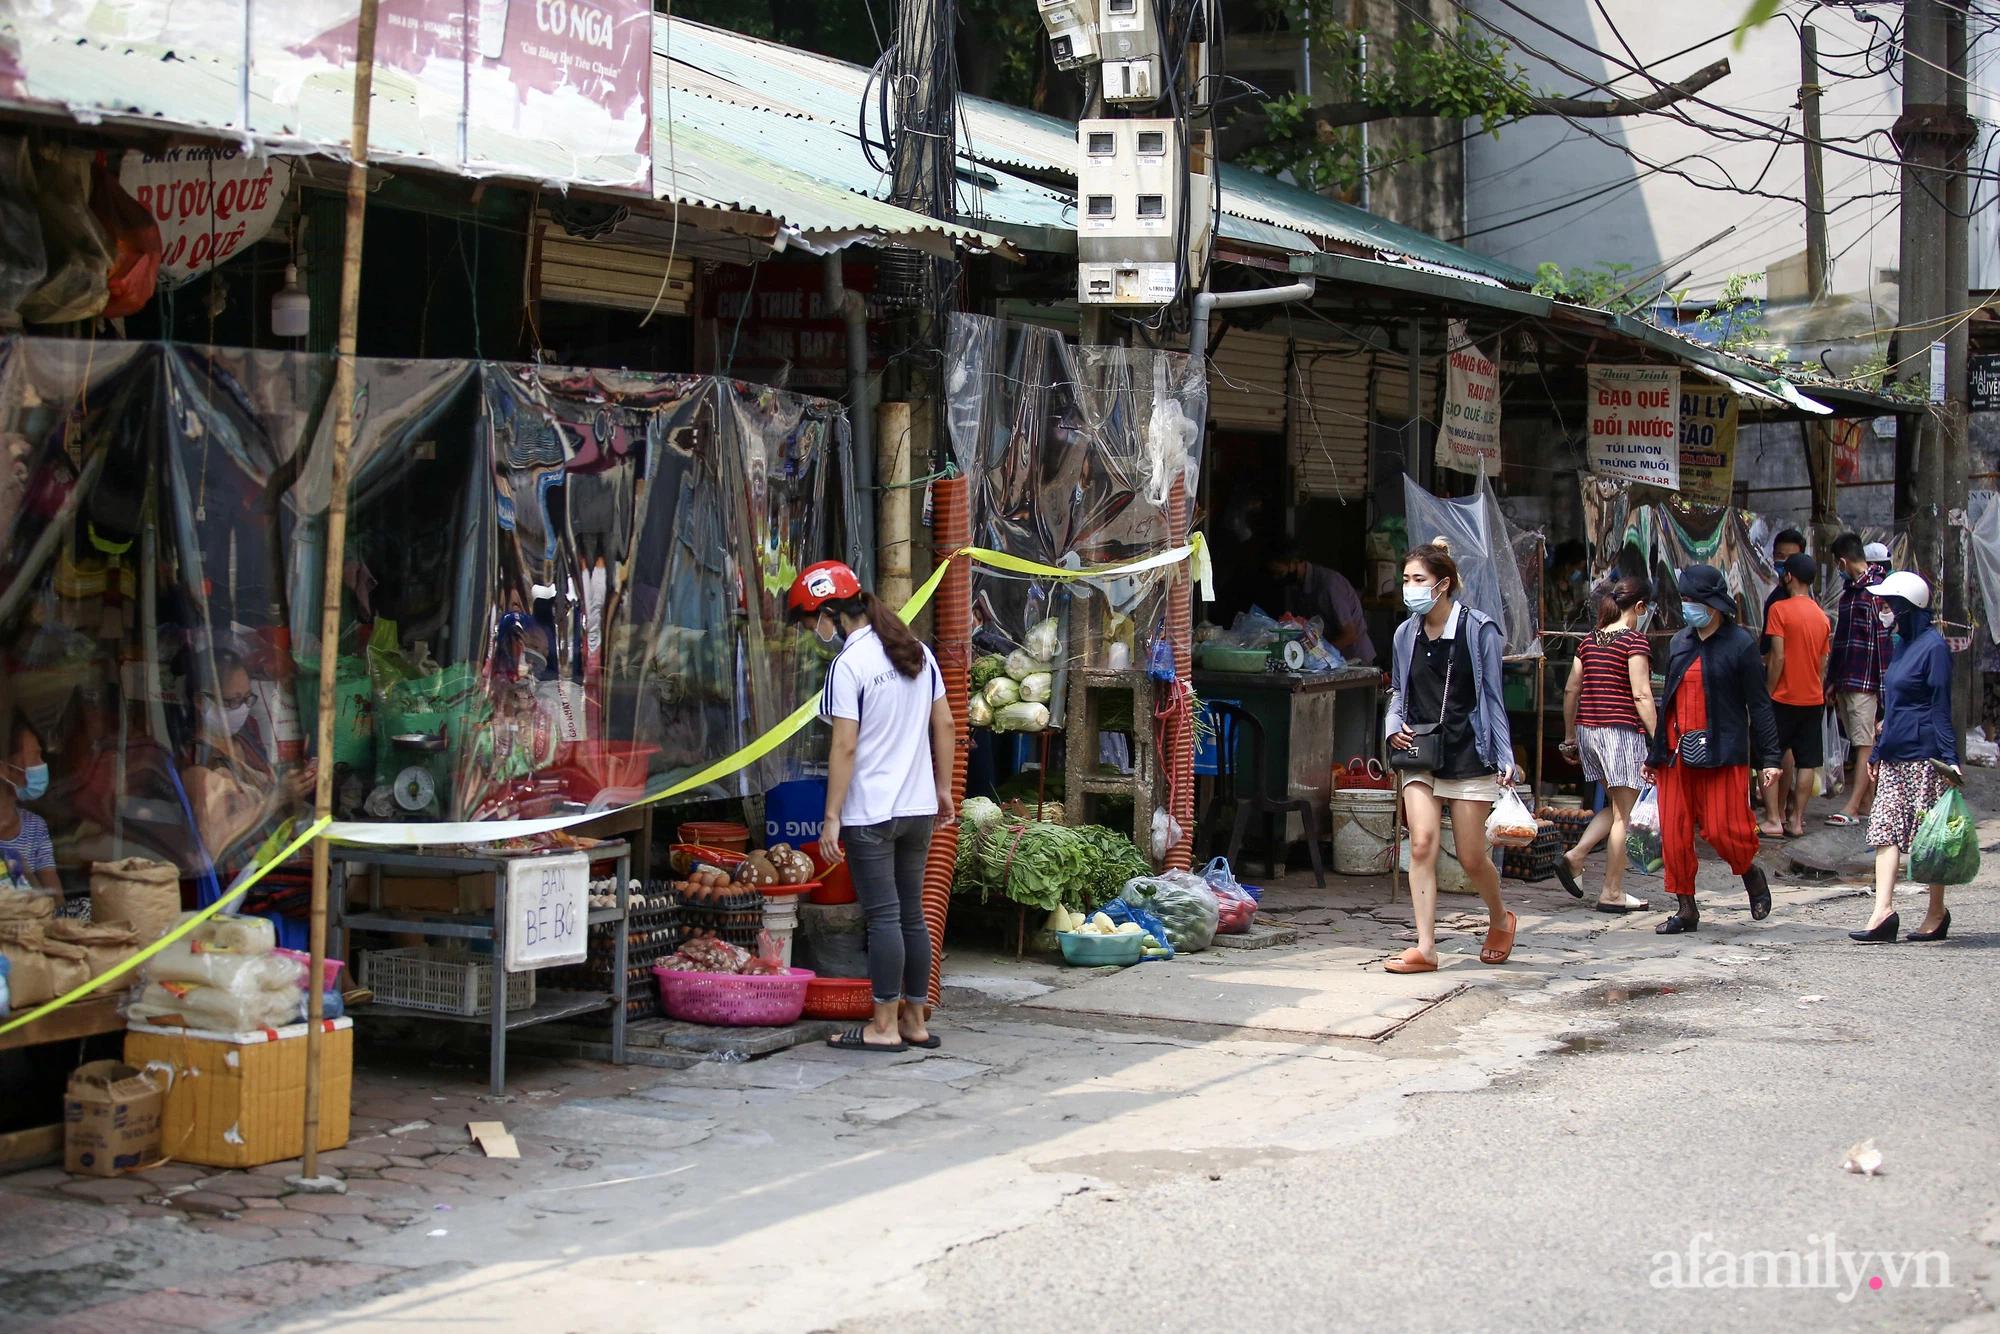 Ấn tượng với khu chợ dân sinh đầu tiên ở Hà Nội quây tấm nilon phòng dịch COVID-19, tiểu thương chia ca đứng bán theo ngày chẵn, lẻ - Ảnh 2.